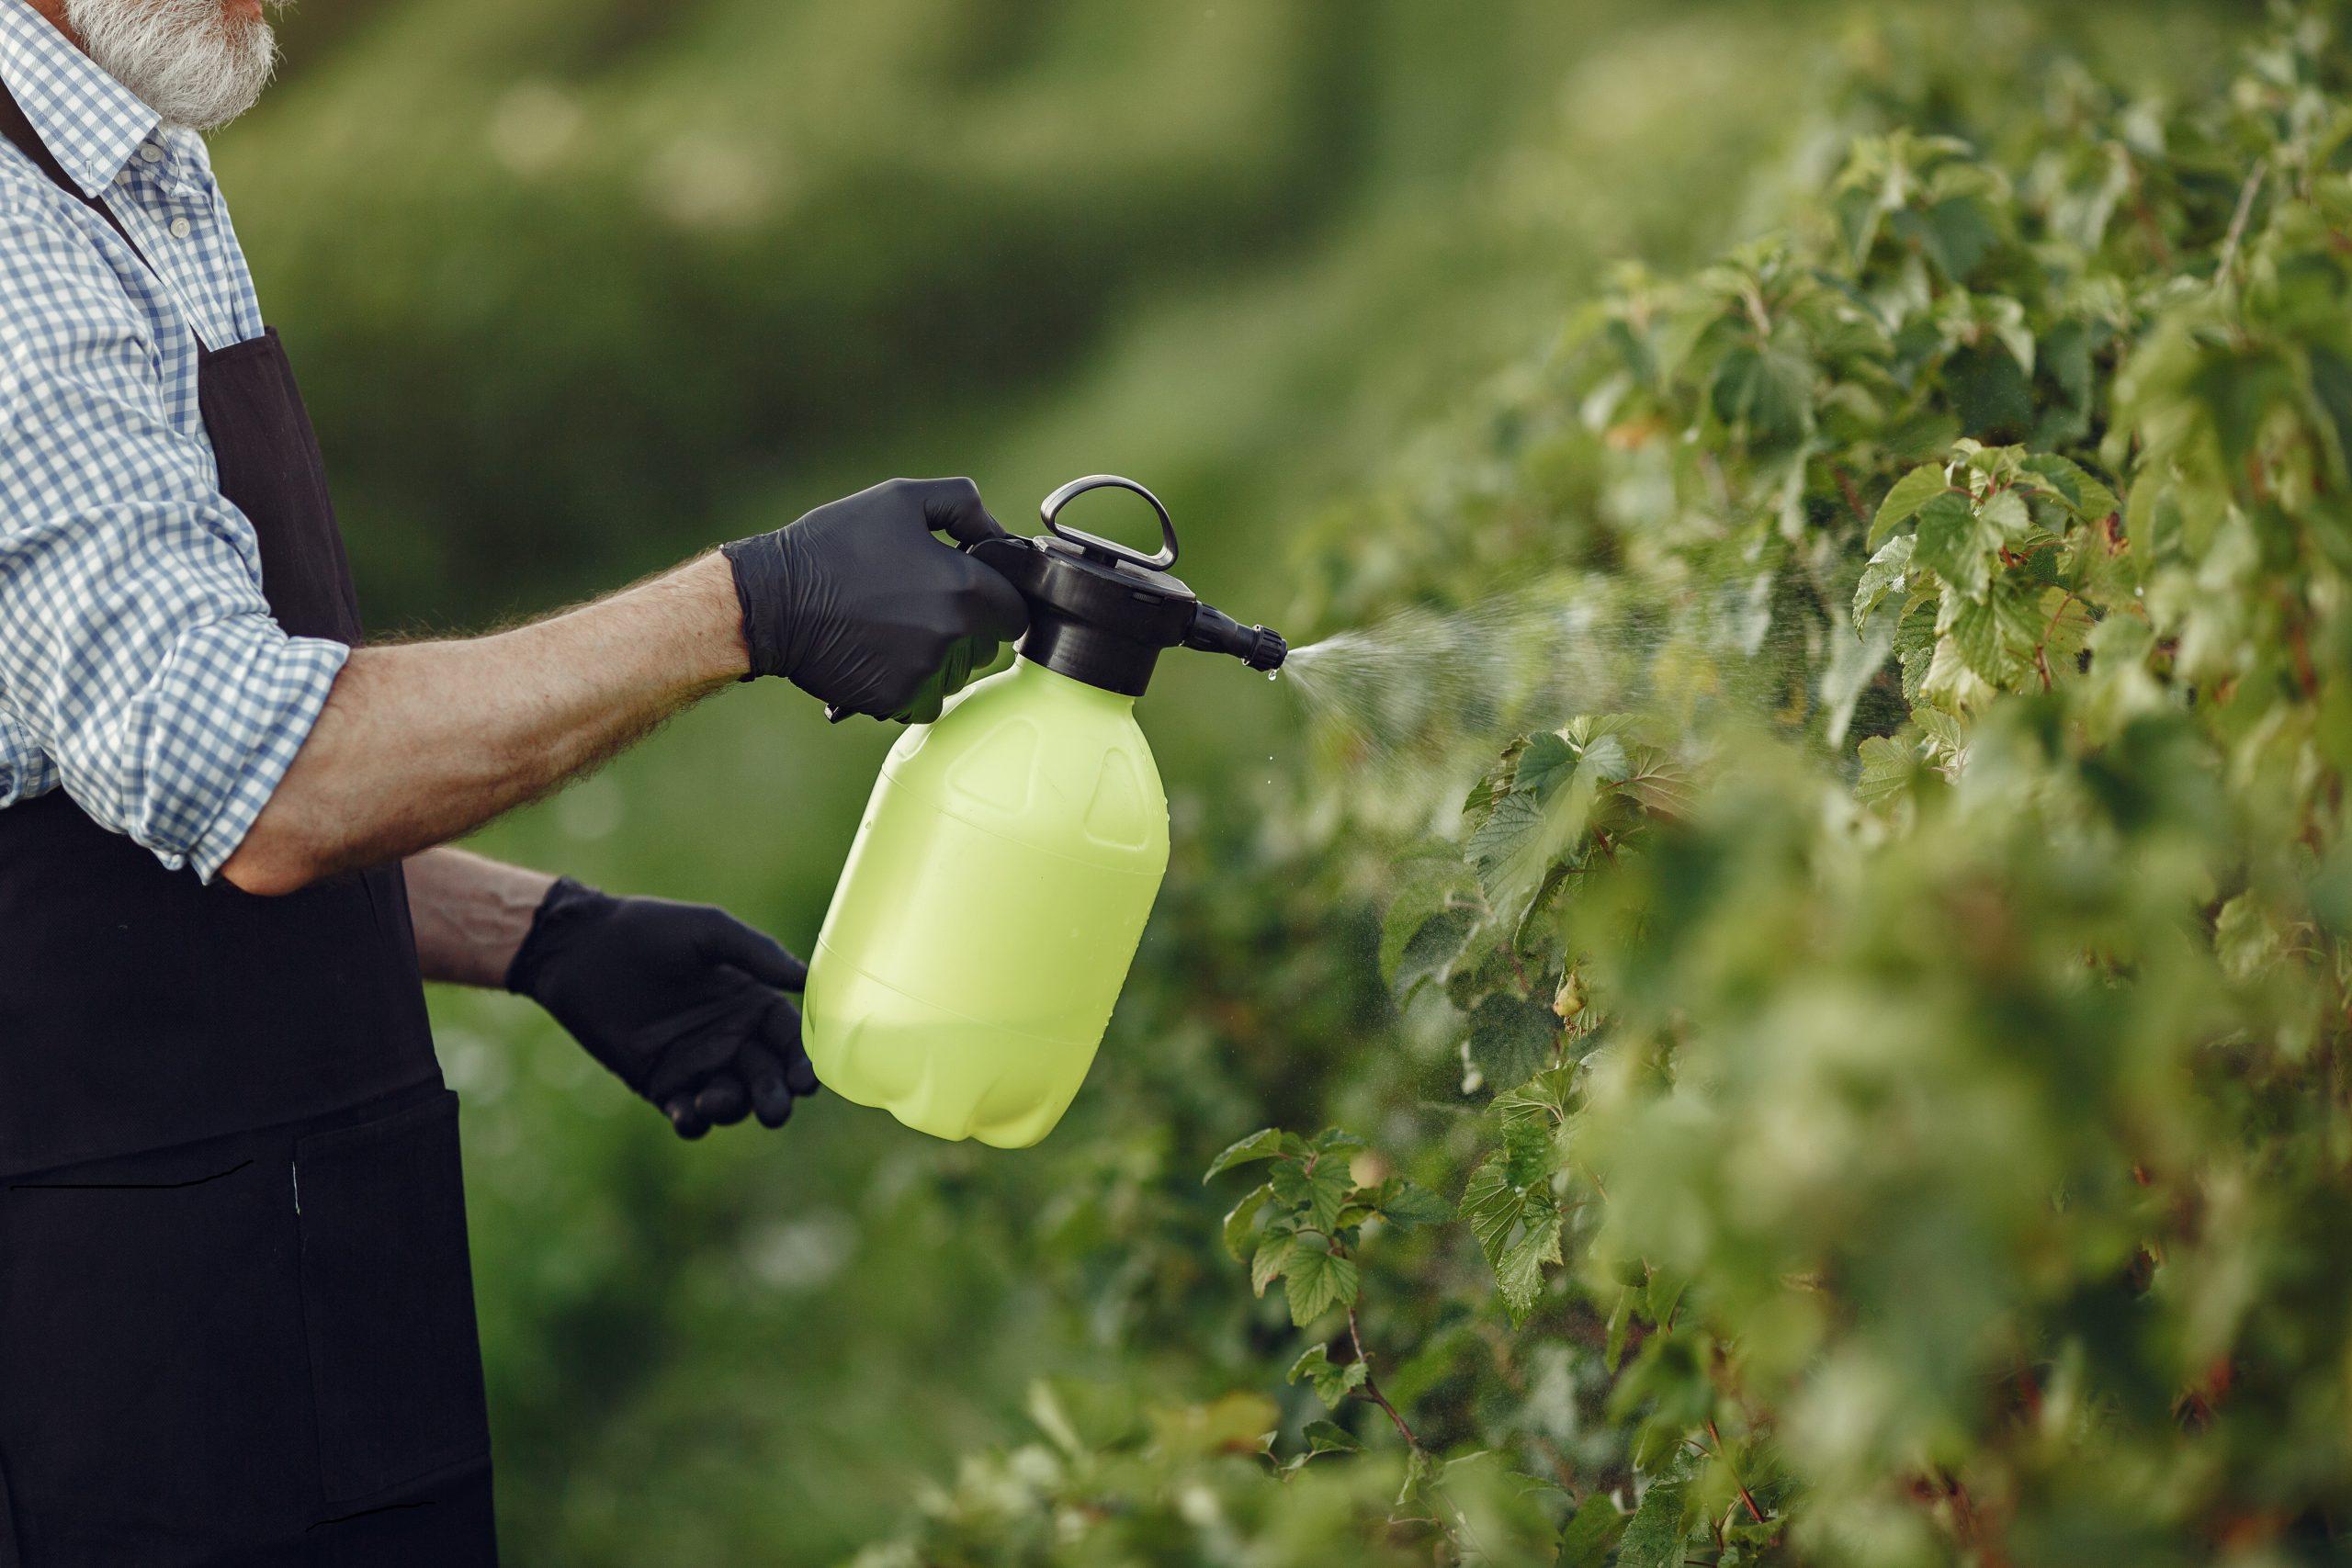 Grape Pest Control – Get Those Buggers!